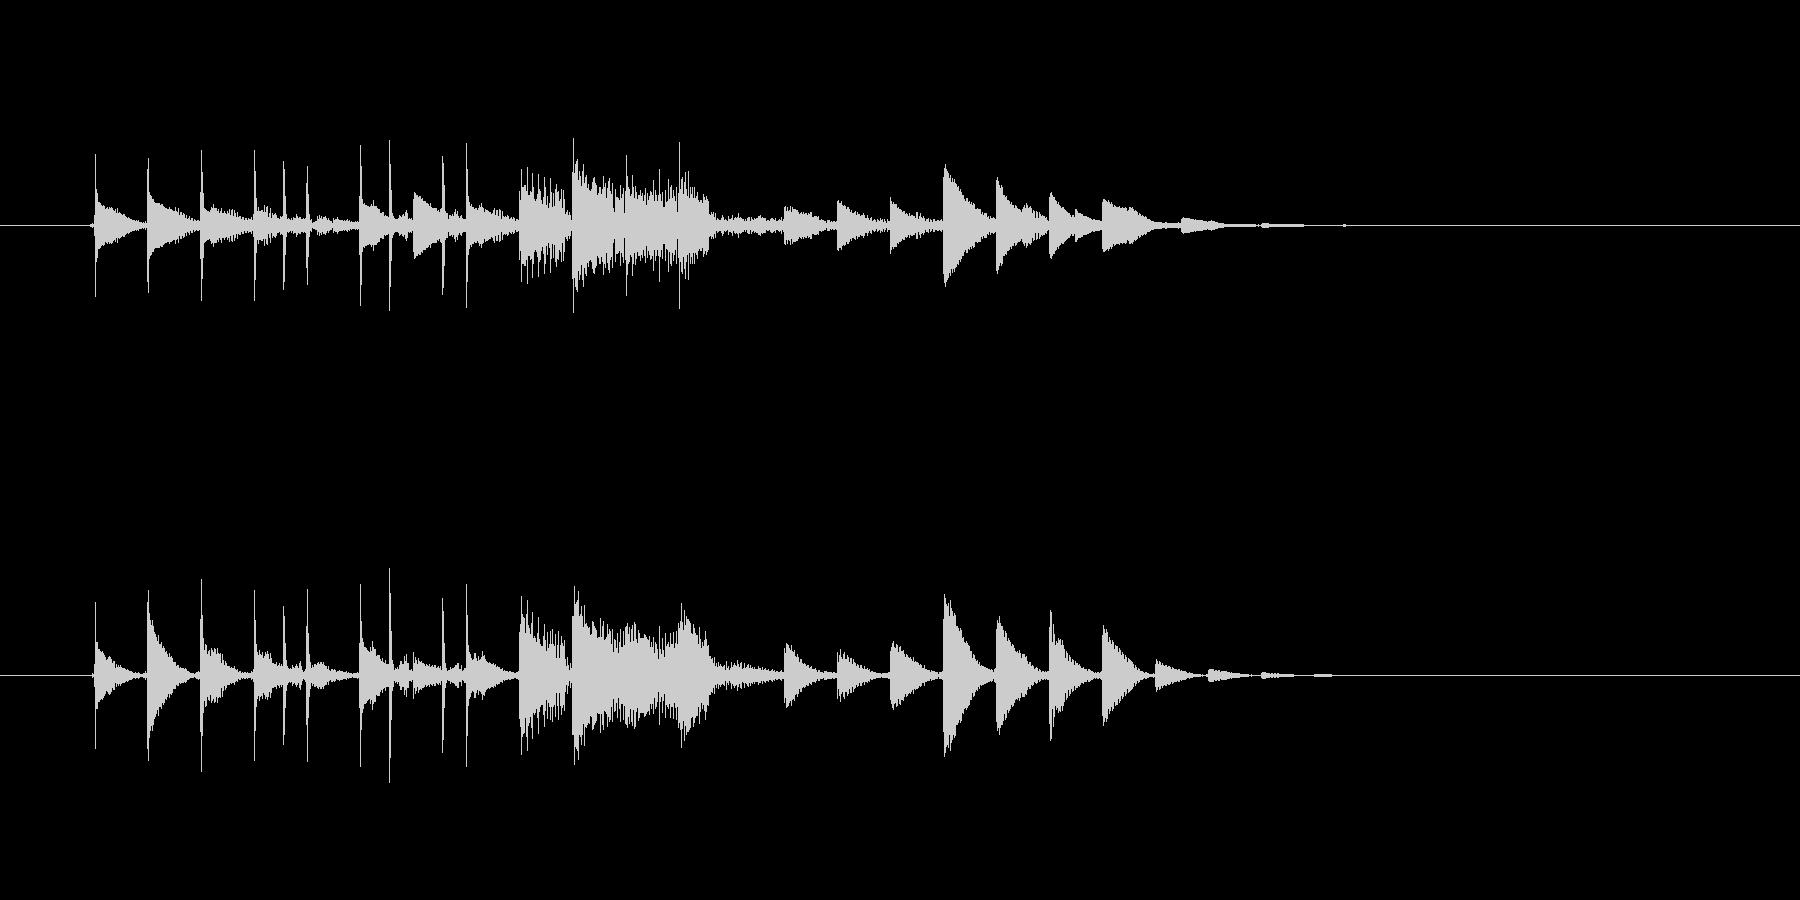 近未来や宇宙感のあるシンセサウンド短めの未再生の波形